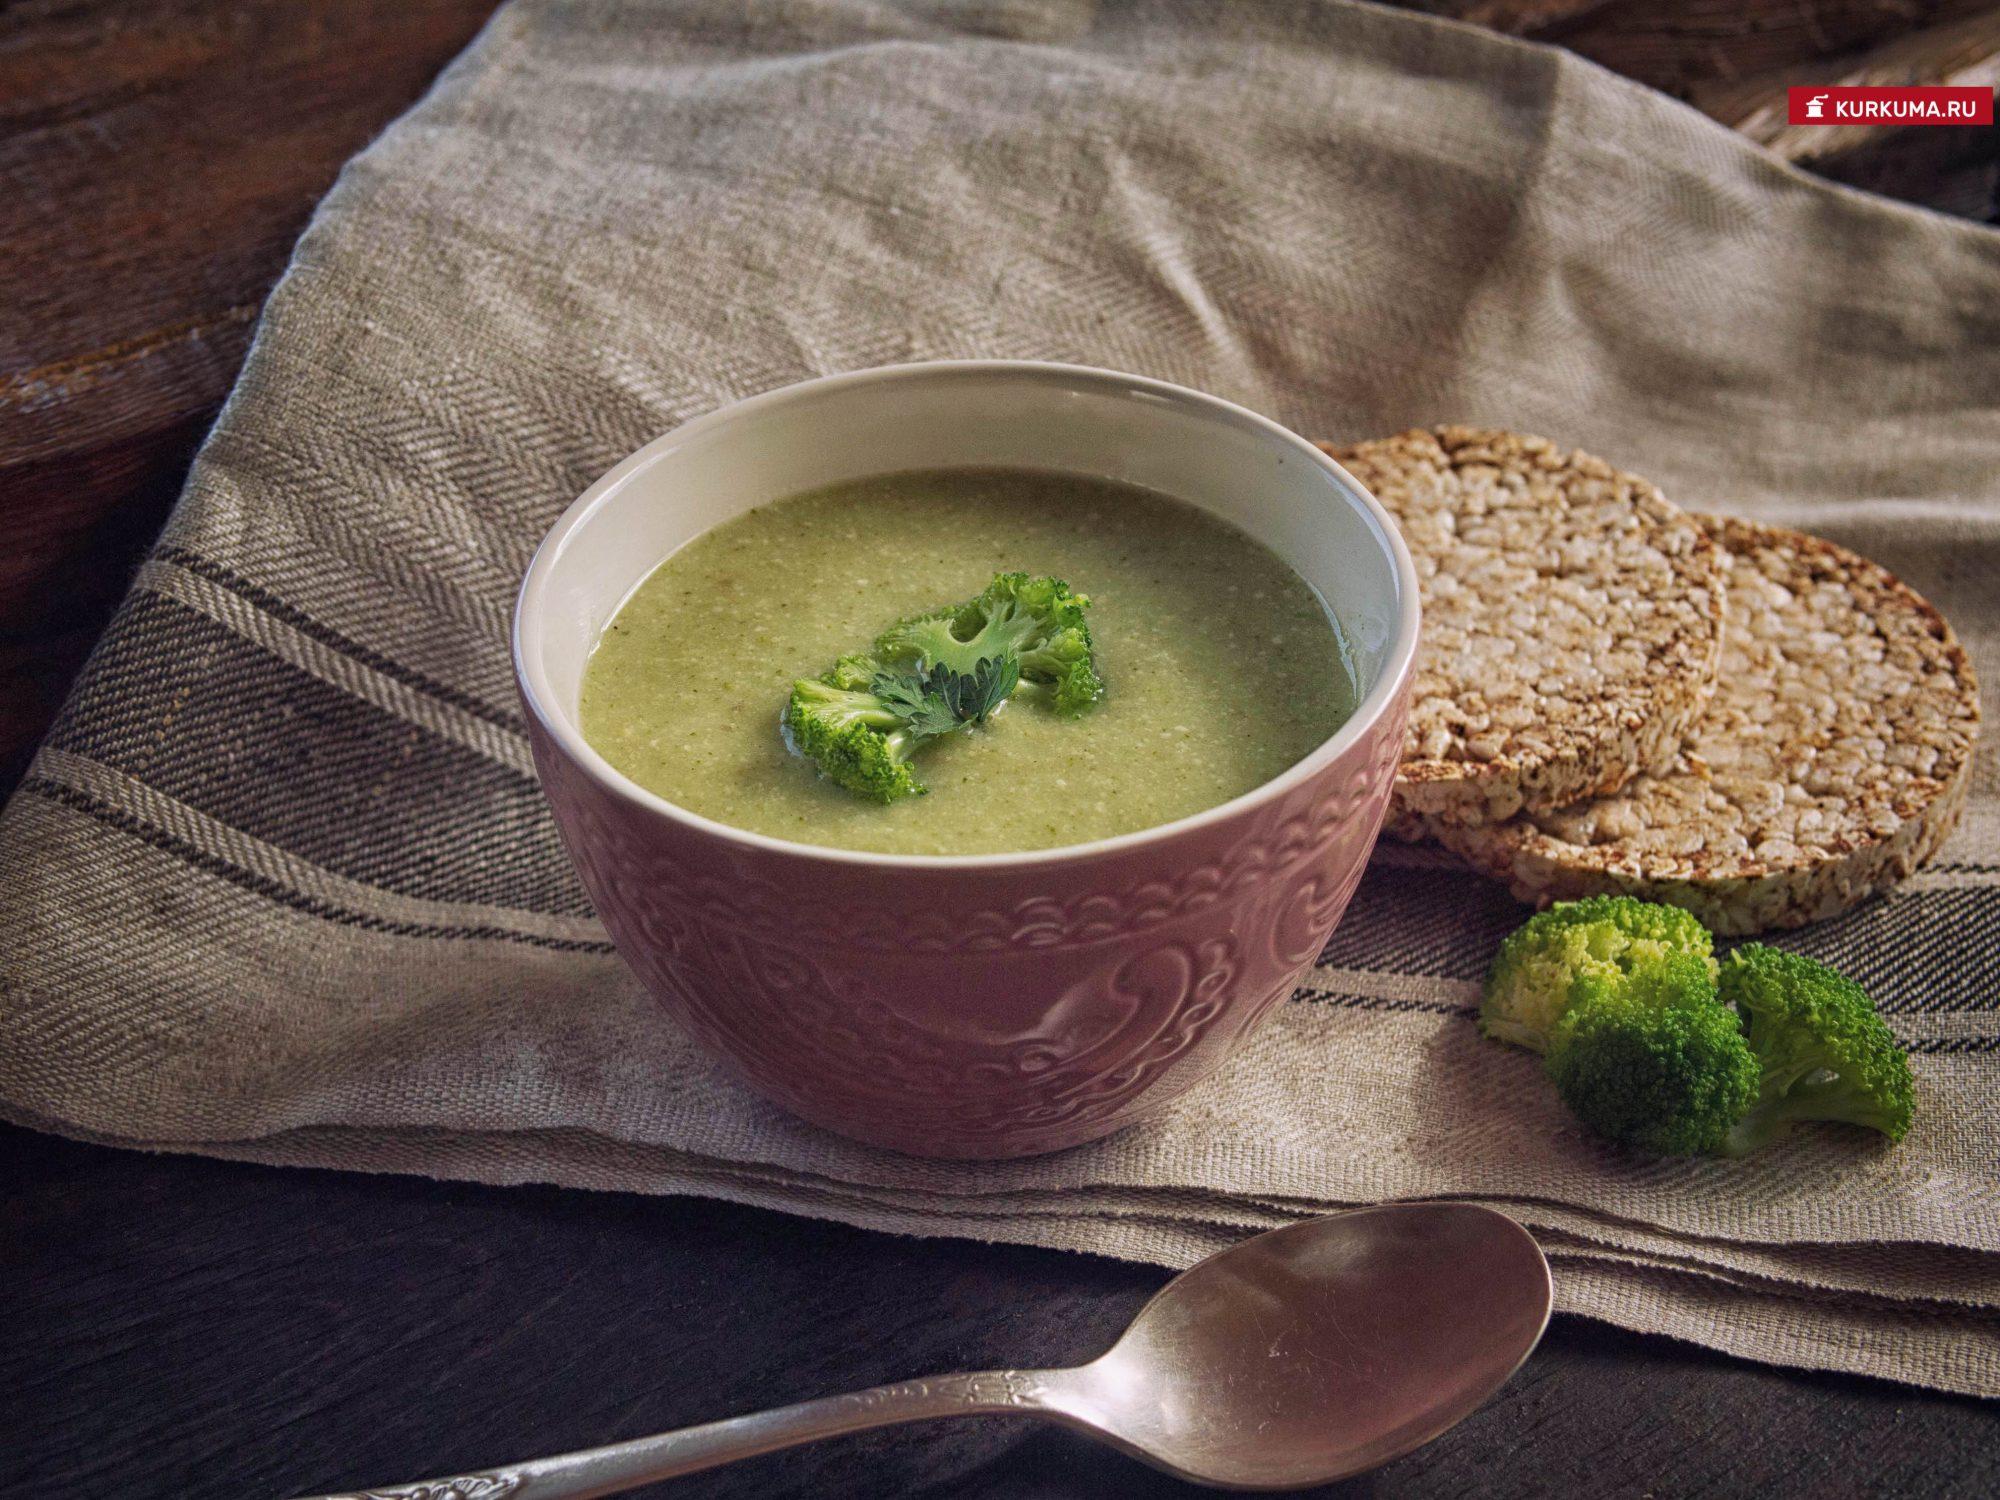 Крем-суп из брокколи с кешью